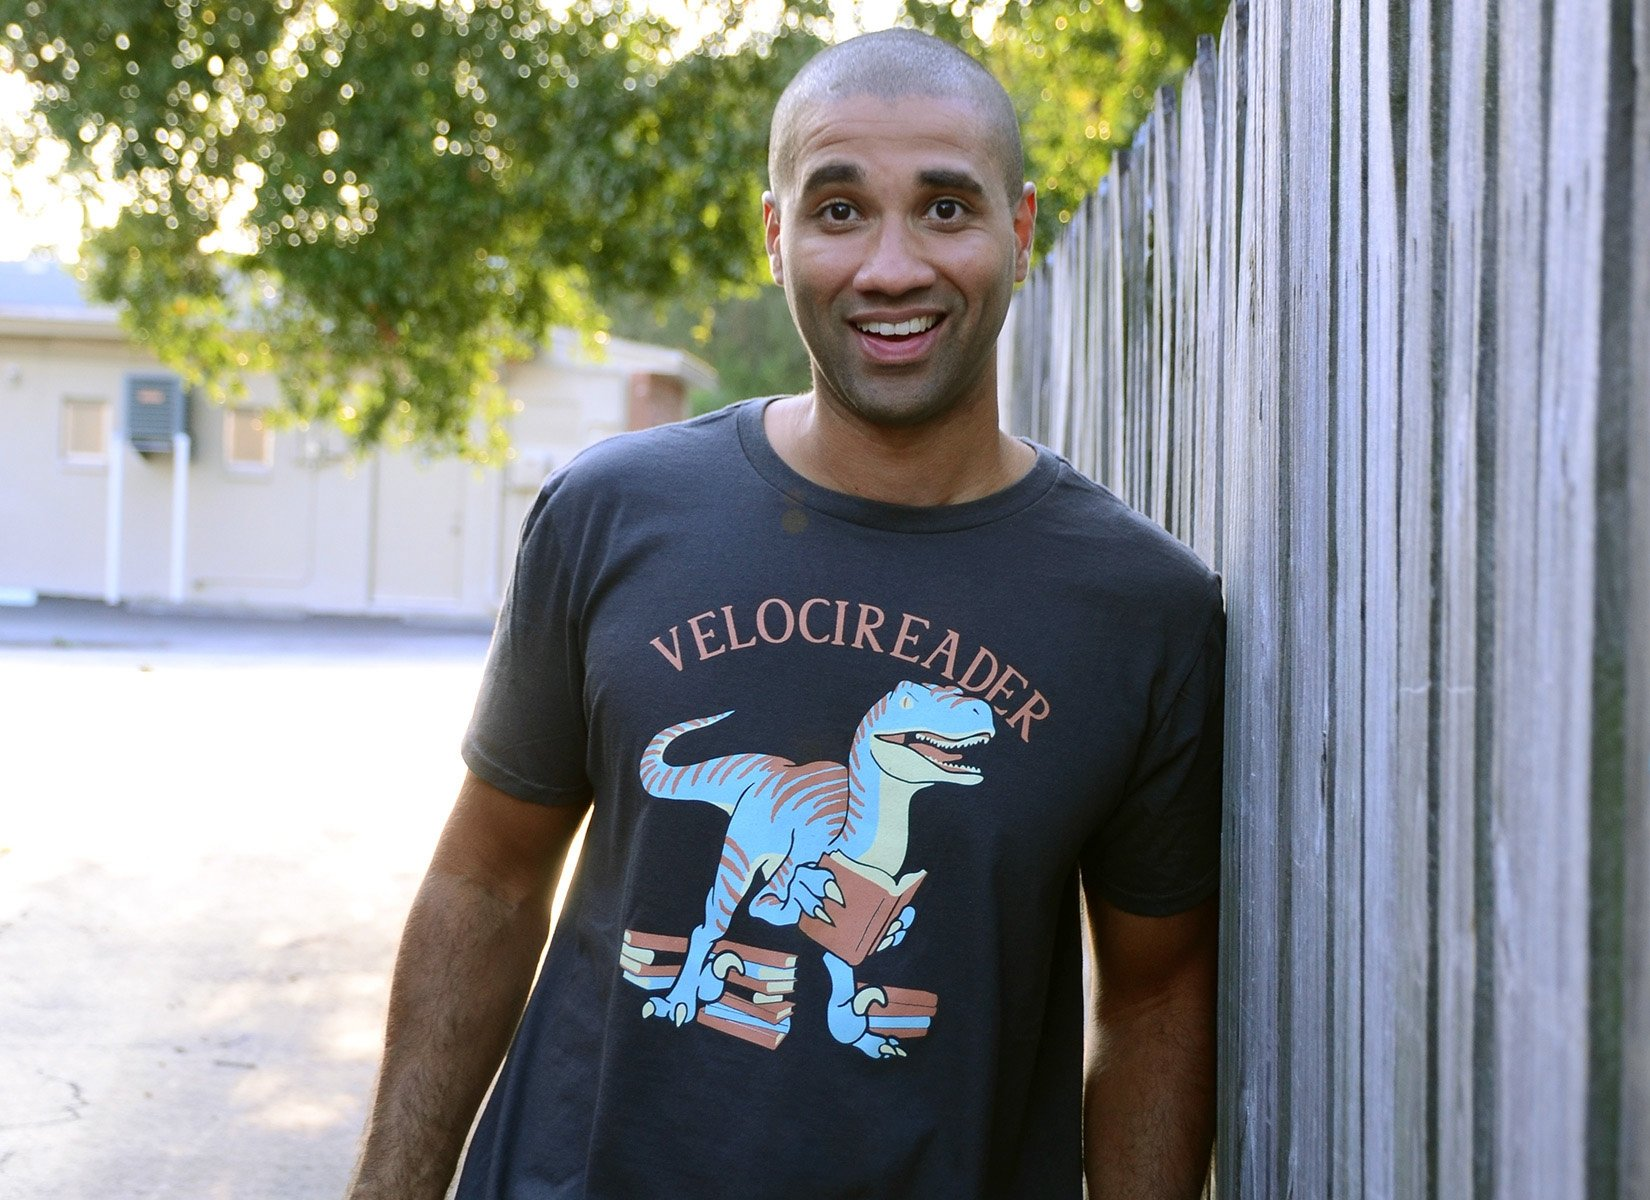 Velocireader on Mens T-Shirt